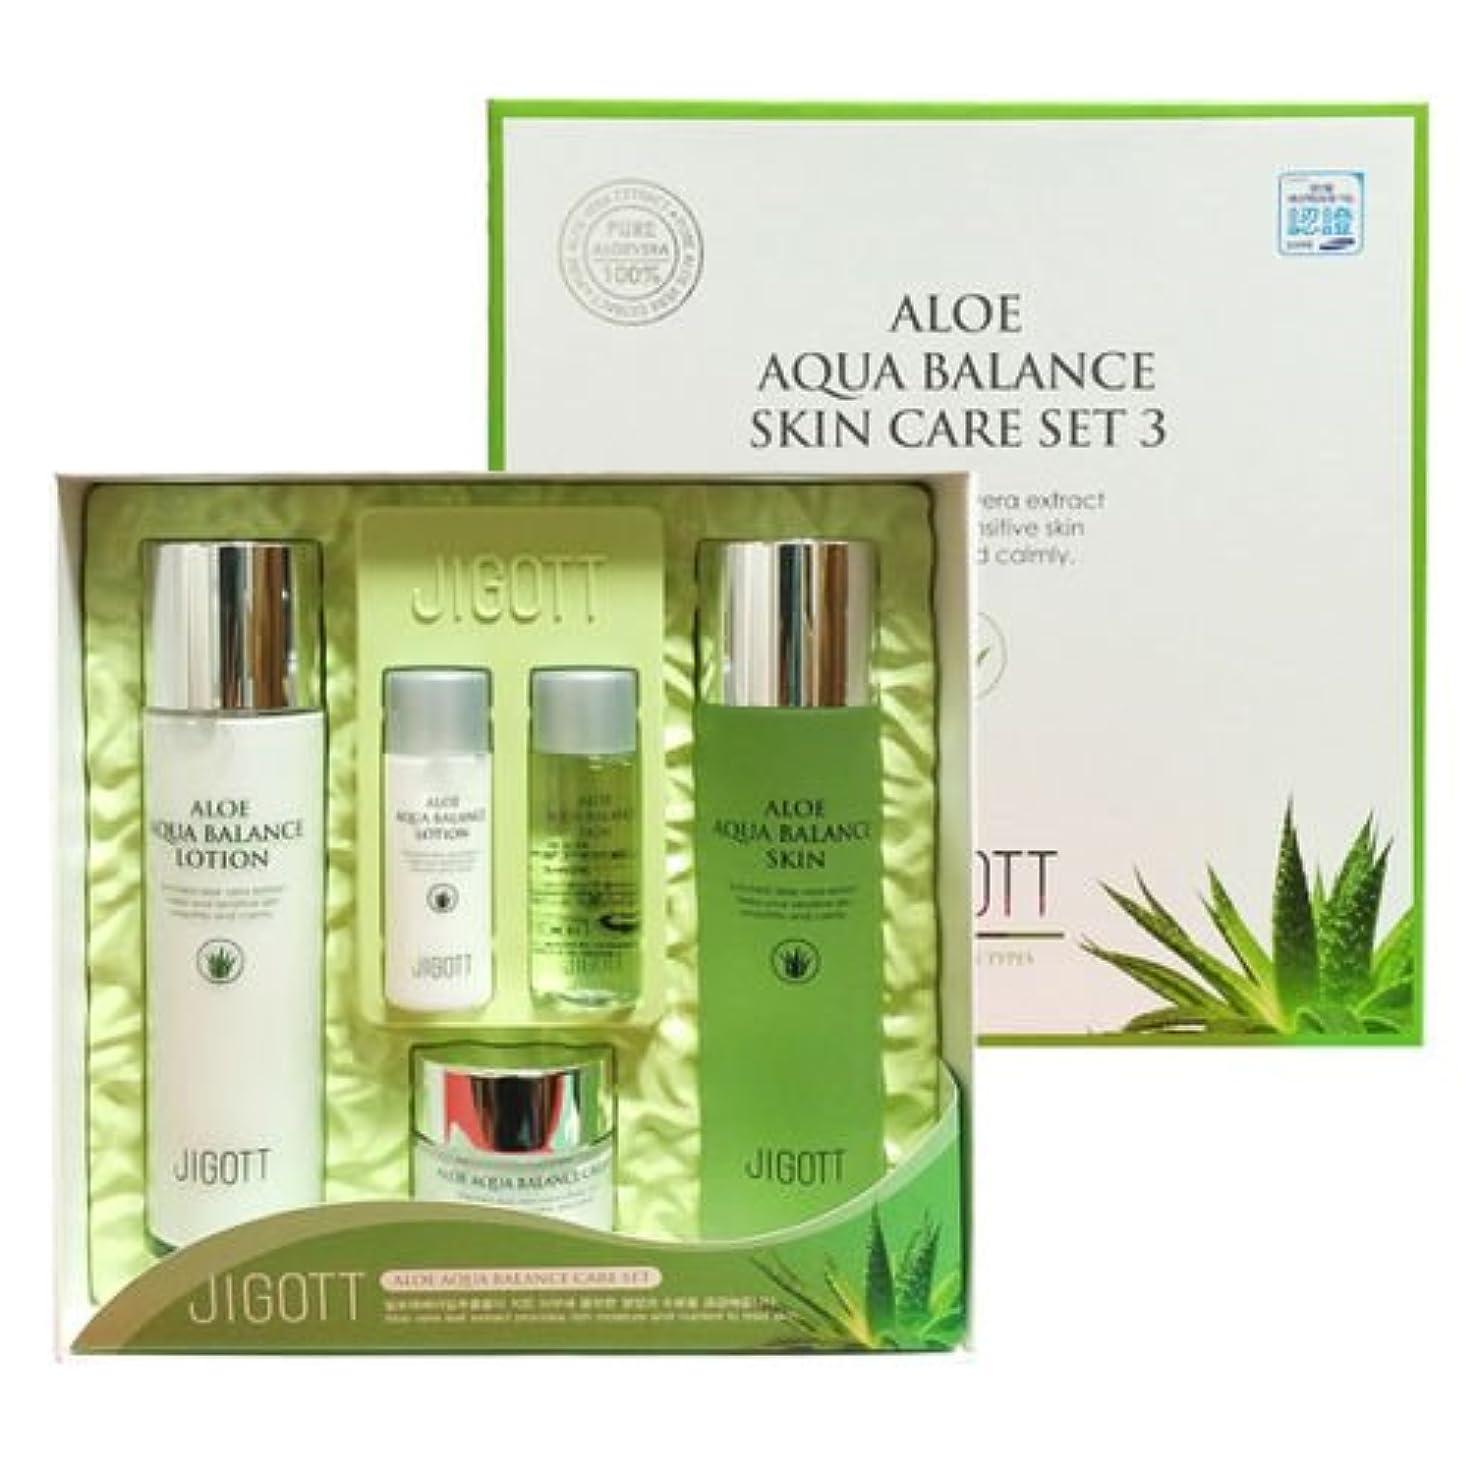 ポップ損失グリーンバックジゴトゥ[韓国コスメJigott]Aloe Aqua Balance Skin Care 3 Set アロエアクアバランススキンケア3セット樹液,乳液,クリーム [並行輸入品]